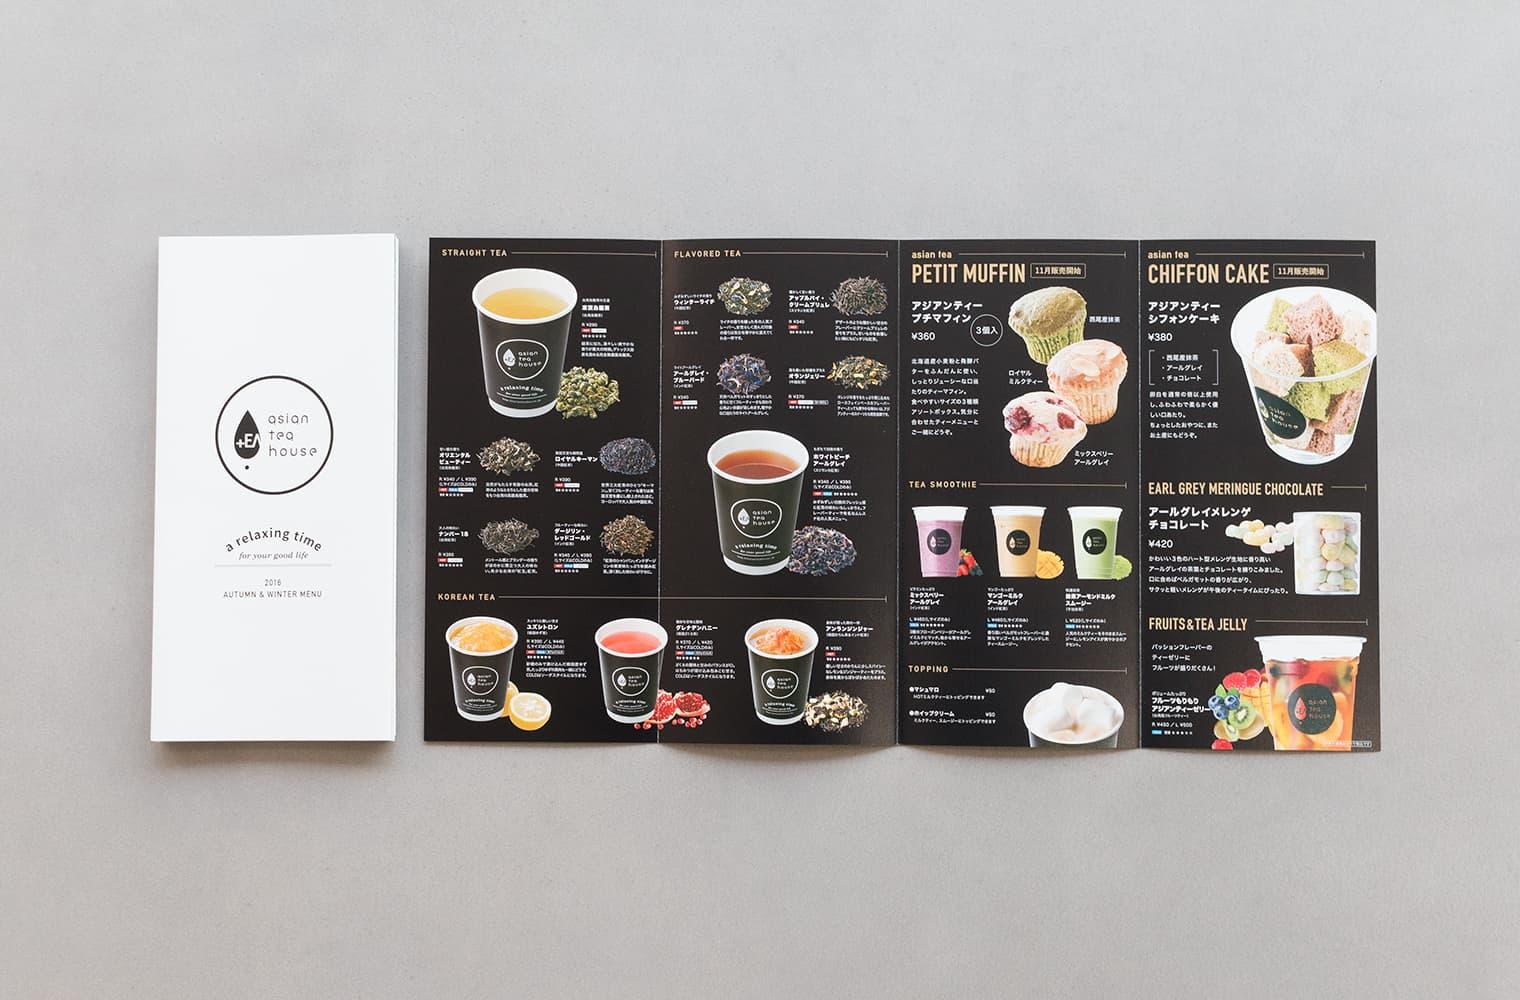 5 1 - ตัวอย่างป้ายเมนูเครื่องดื่มกาแฟ เมนูอาหารดีไซน์สไตล์ญี่ปุ่น